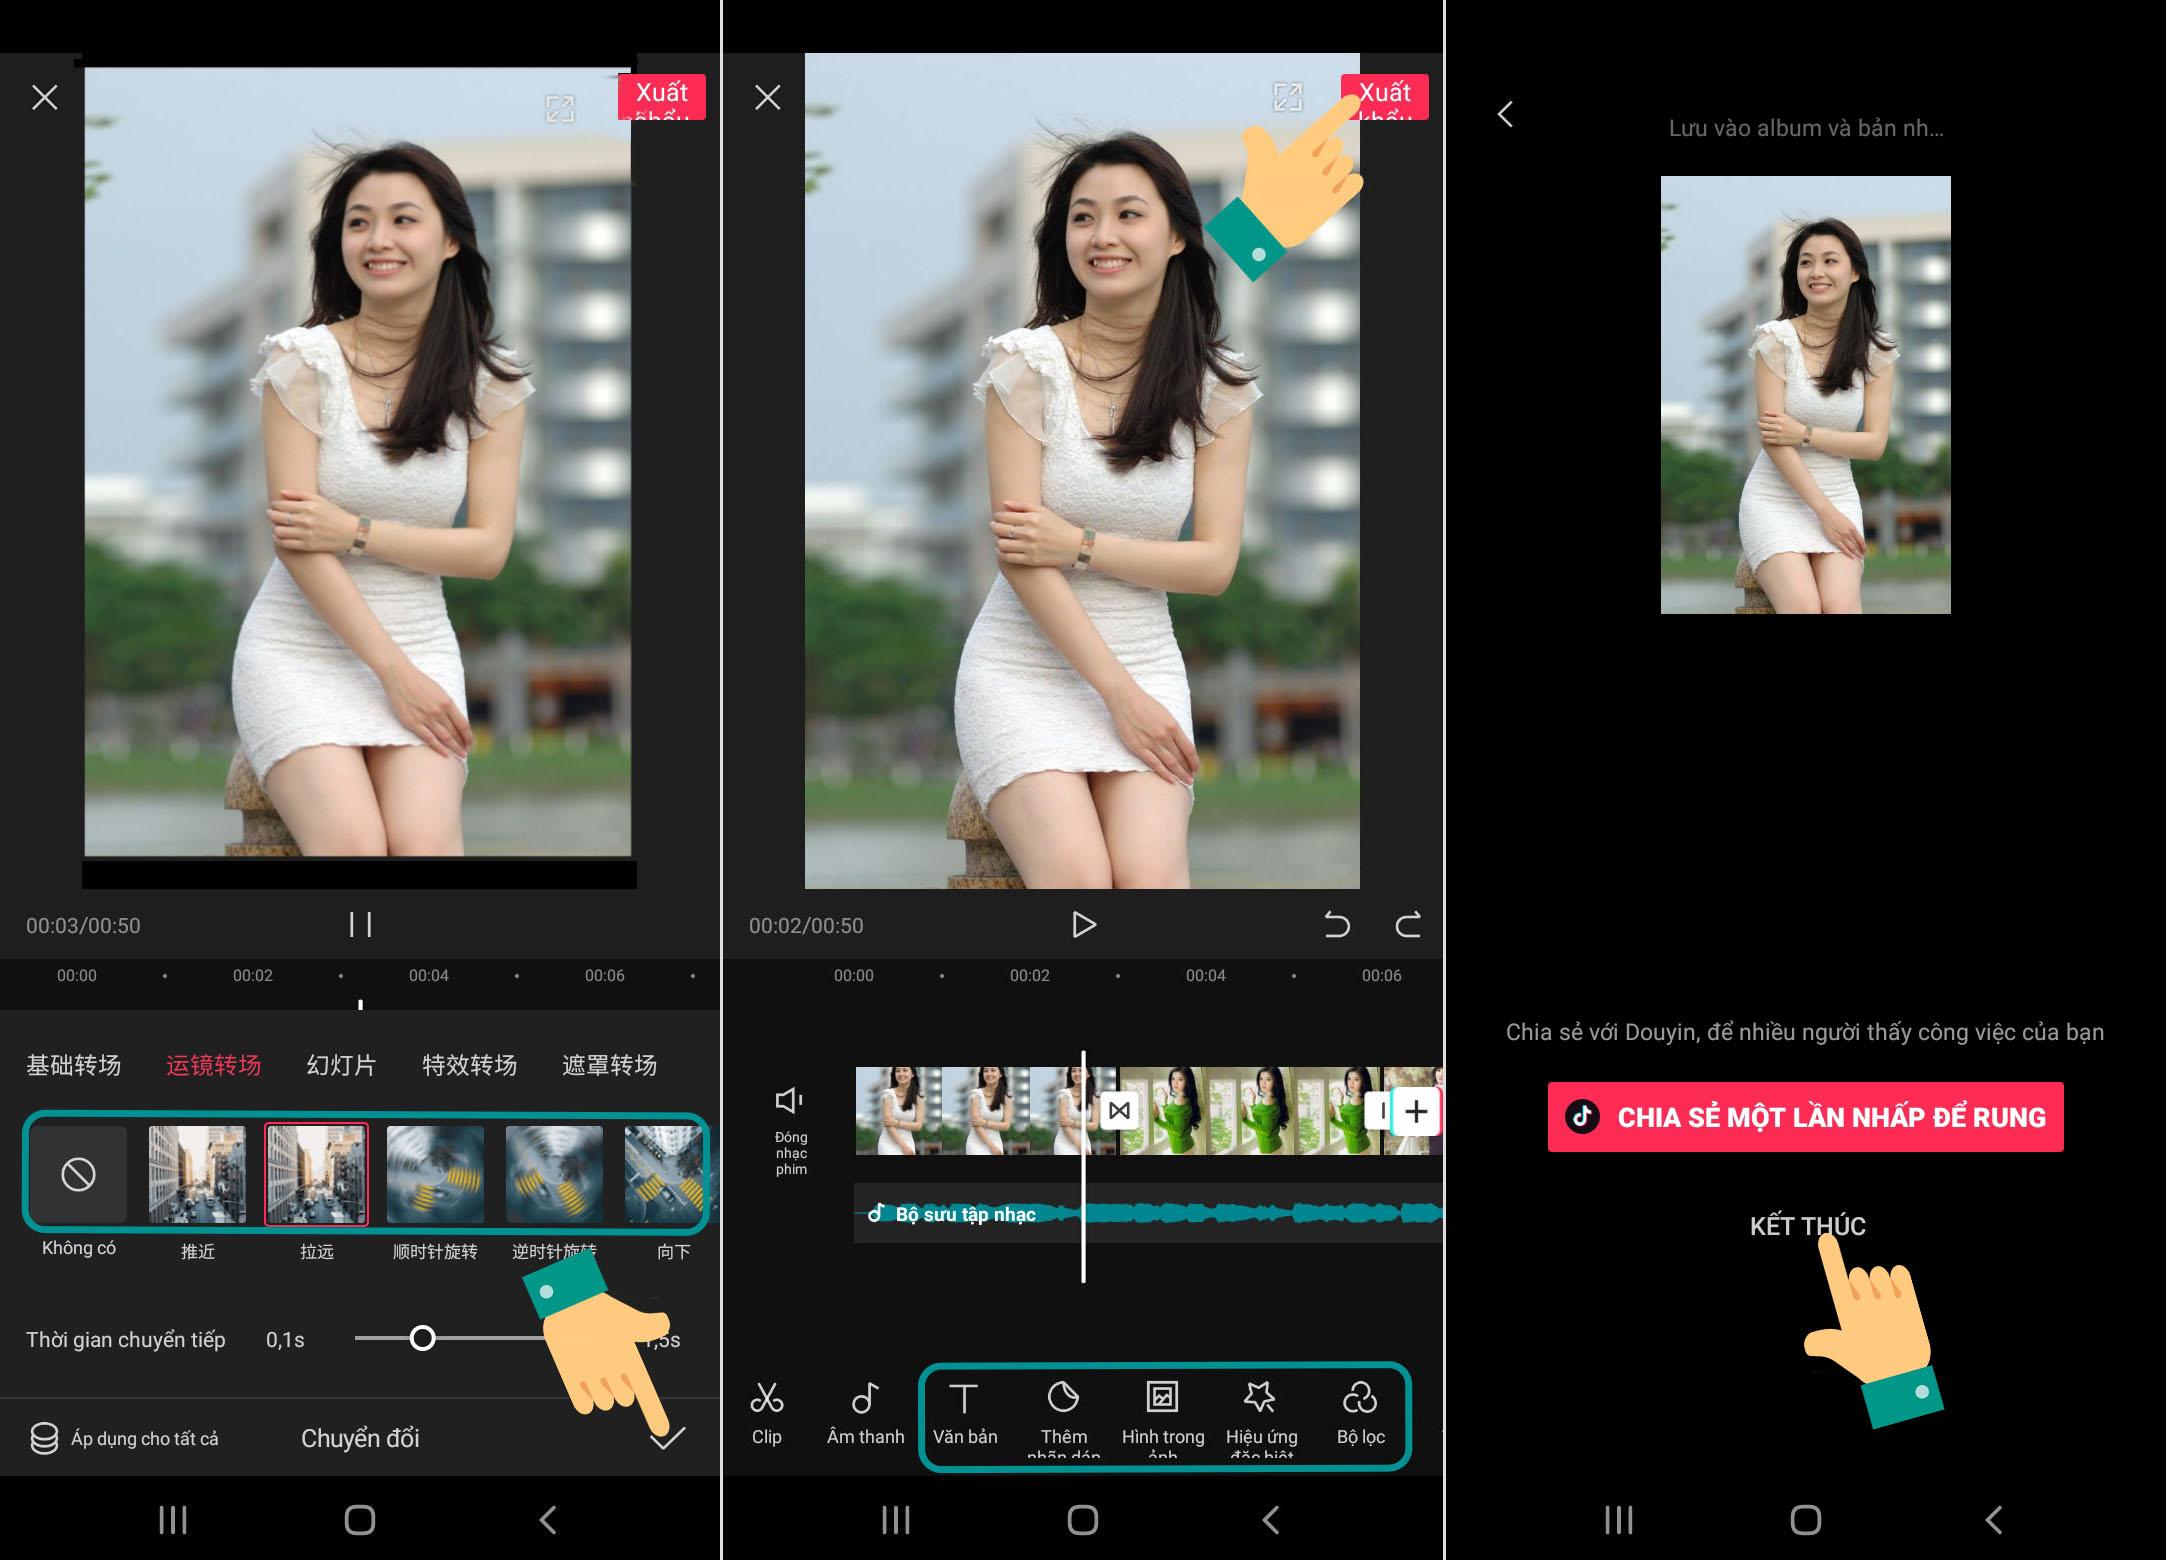 Cách edit video bằng app chỉnh video Trung Quốc JianYing 3